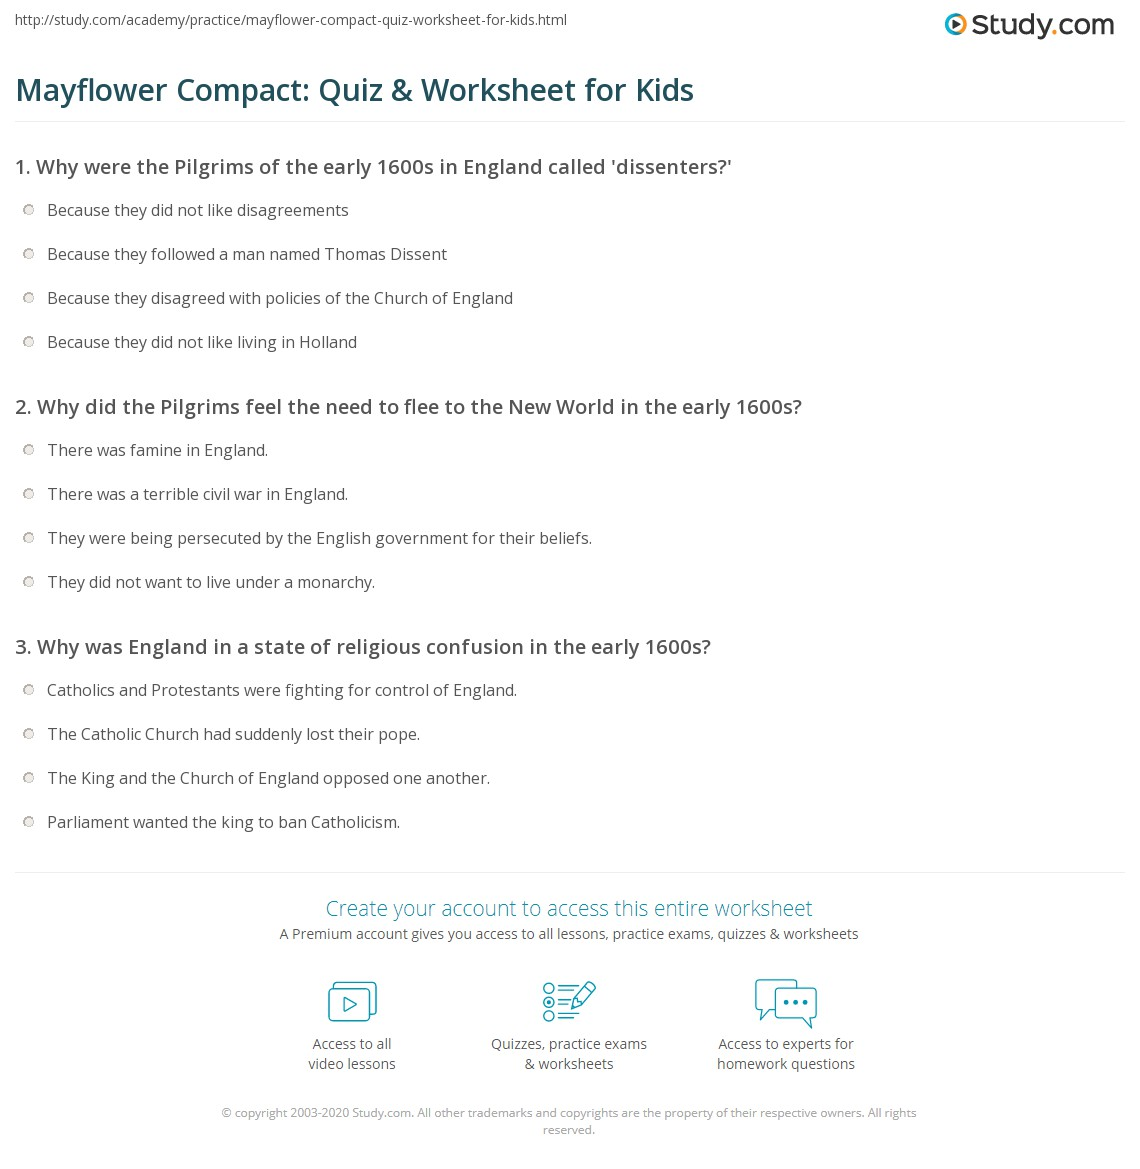 mayflower compact quiz worksheet for kids. Black Bedroom Furniture Sets. Home Design Ideas